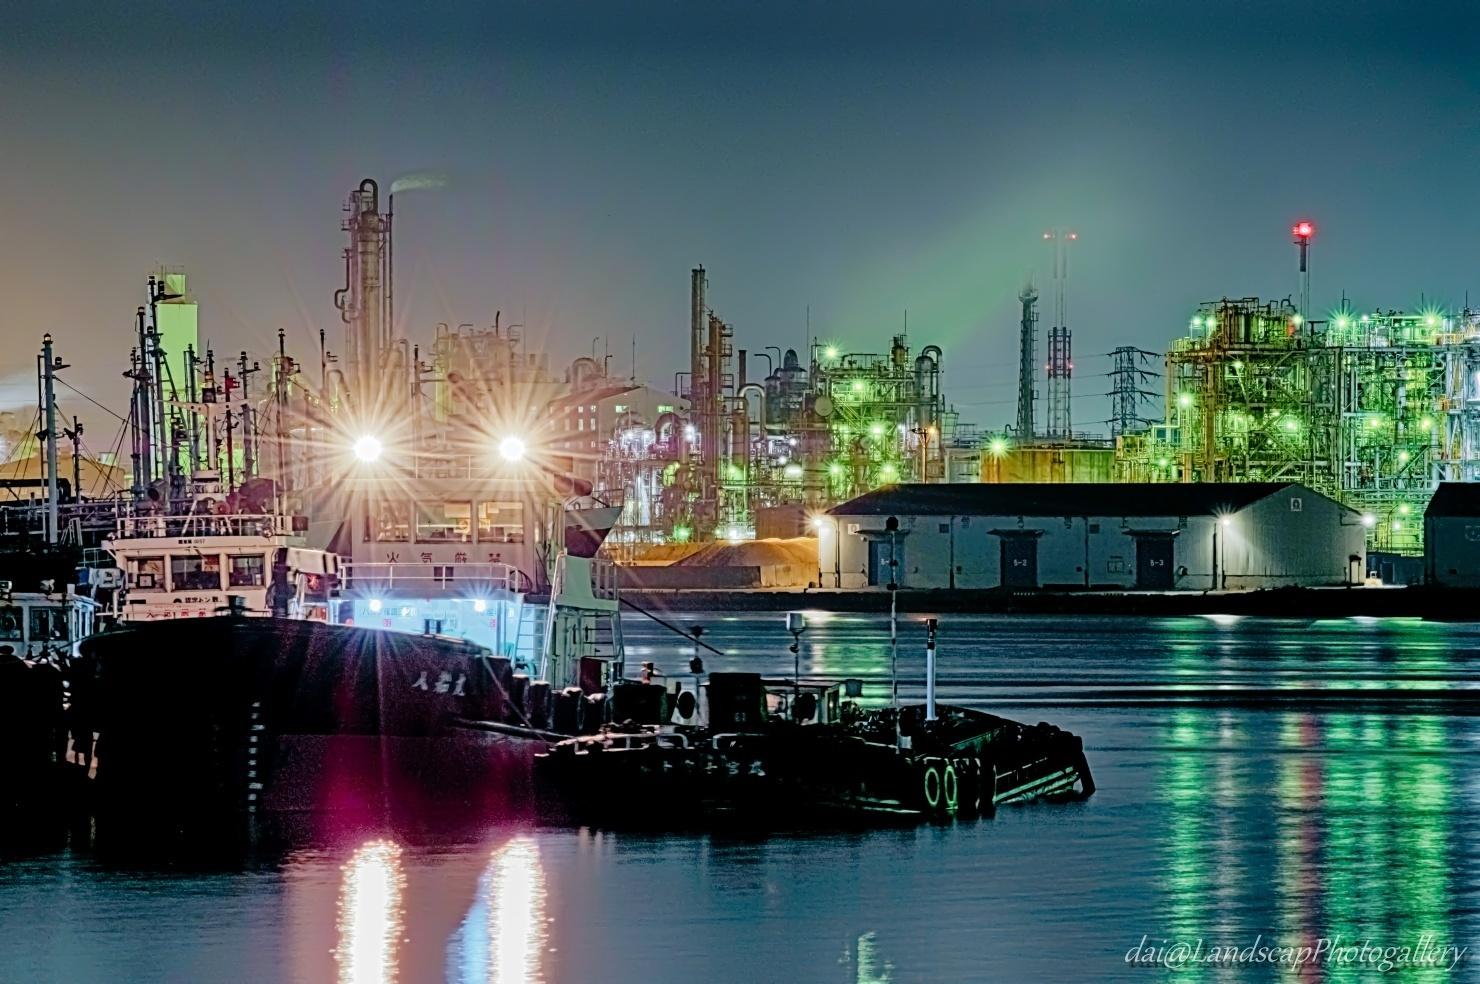 川崎水江運河工場夜景【HDRi】